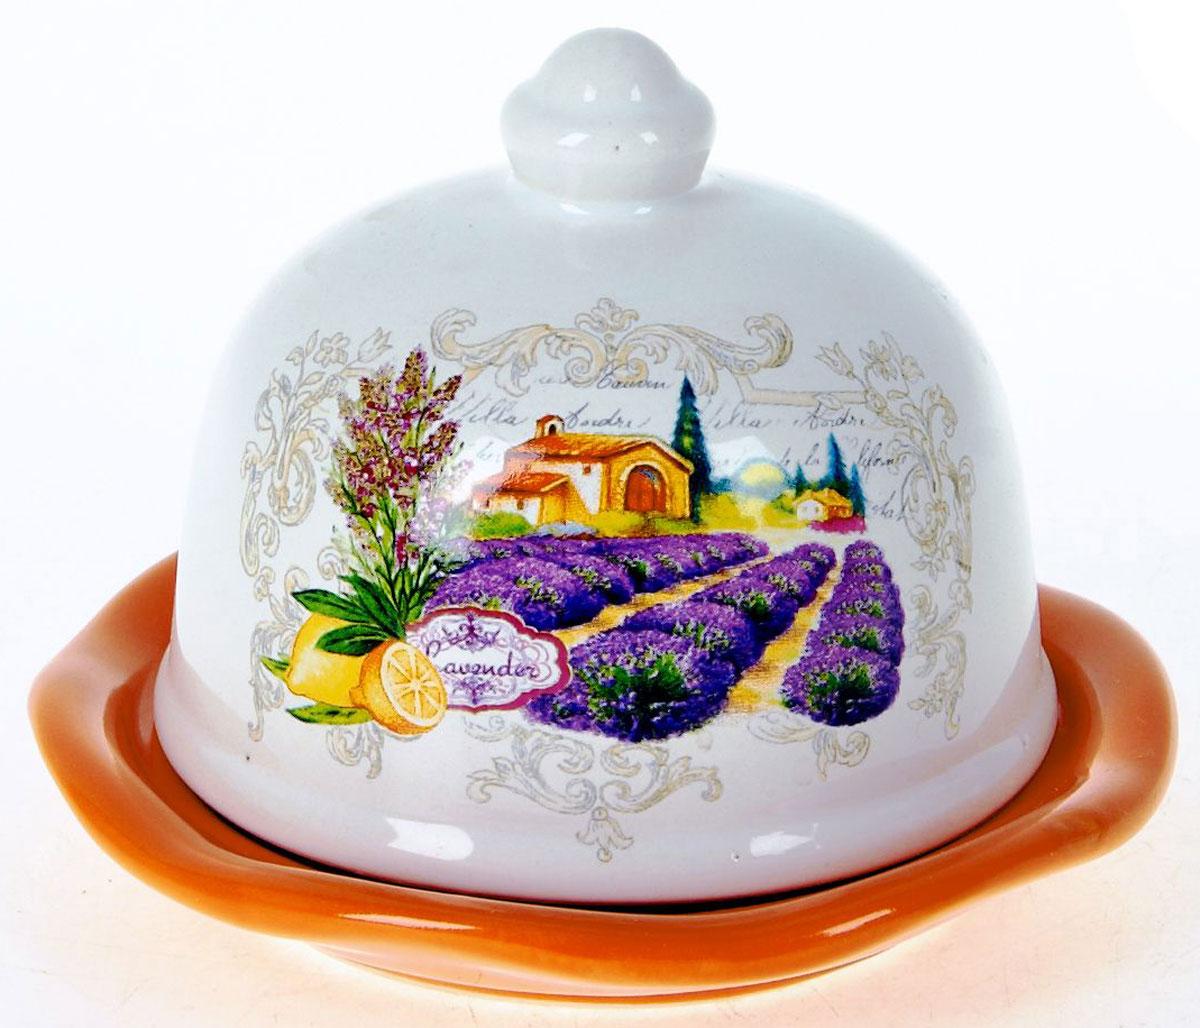 Лимонница ENS Group Прованс. L2430738525Лимонница Прованс выполнена из высококачественной керамики и состоит из блюдца и крышки. Изделие украшено оригинальным узором. Лимонница Прованс доставит истинное удовольствие ценителям прекрасного и поможет сохранить свежесть лимона на длительный срок. Яркий дизайн, несомненно, придется вам по вкусу. Не рекомендуется мыть в посудомоечной машине.